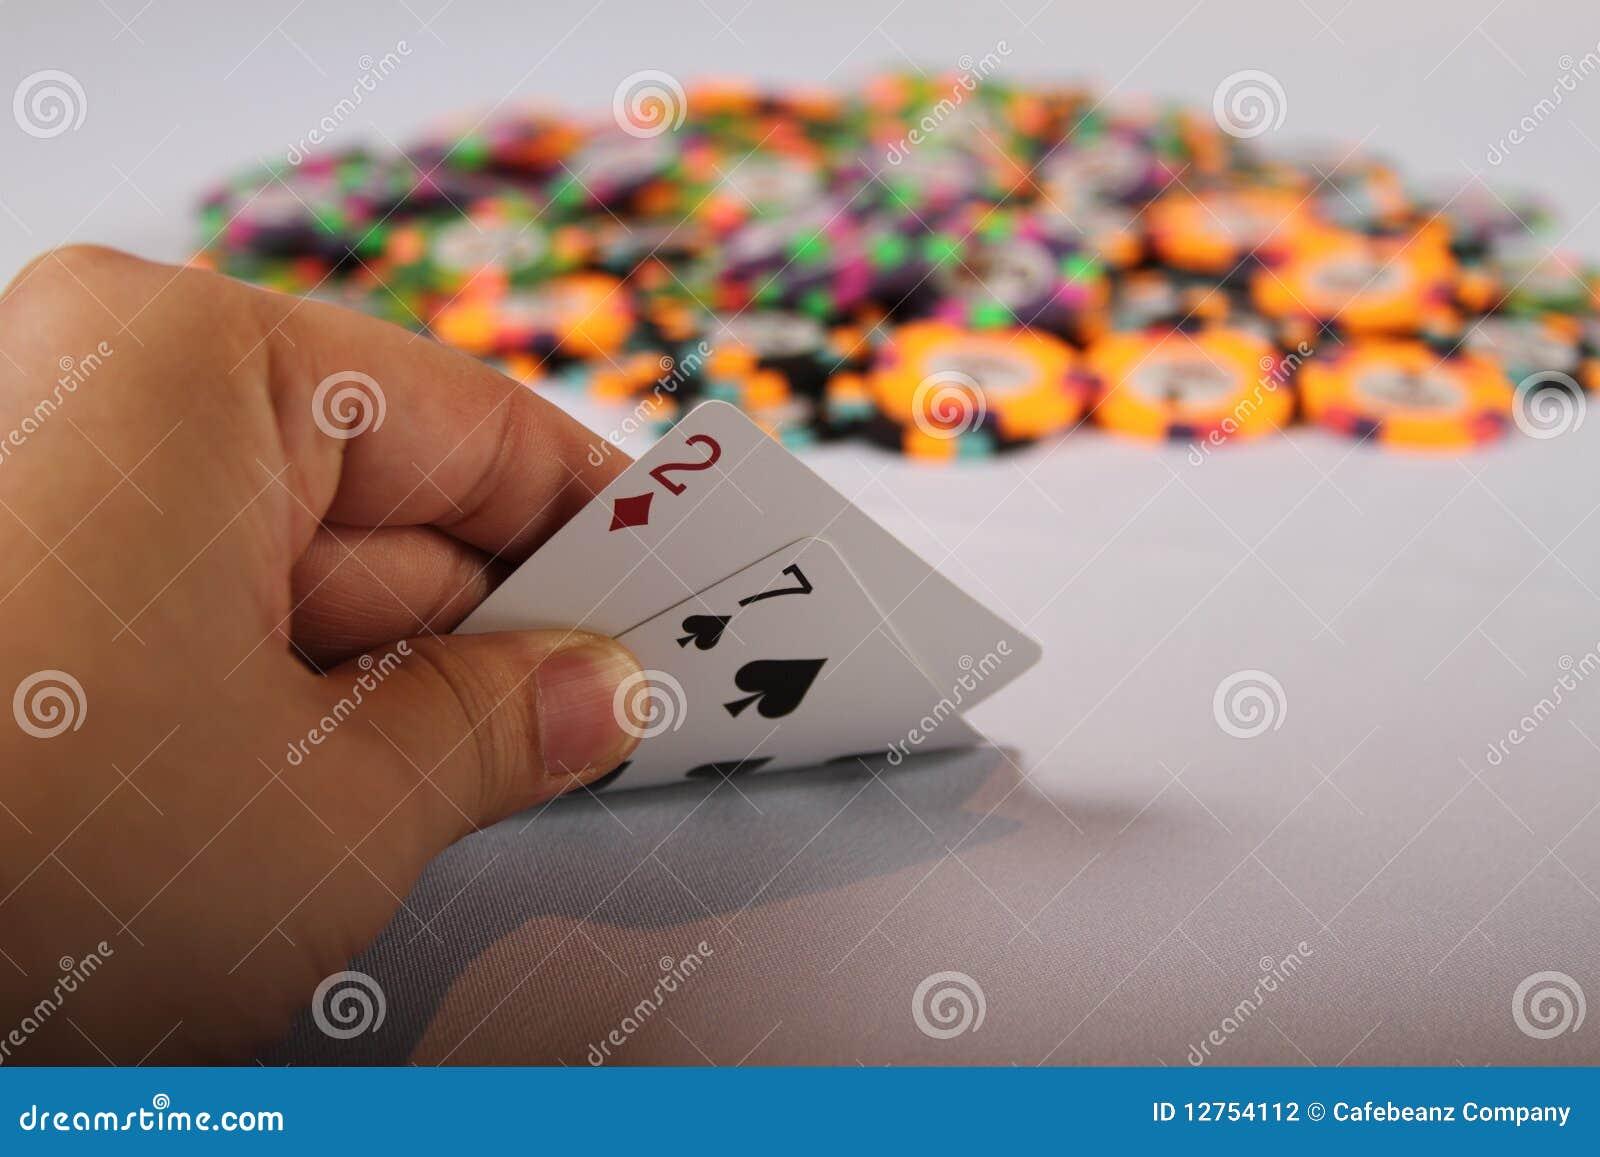 Poker best to worst hands